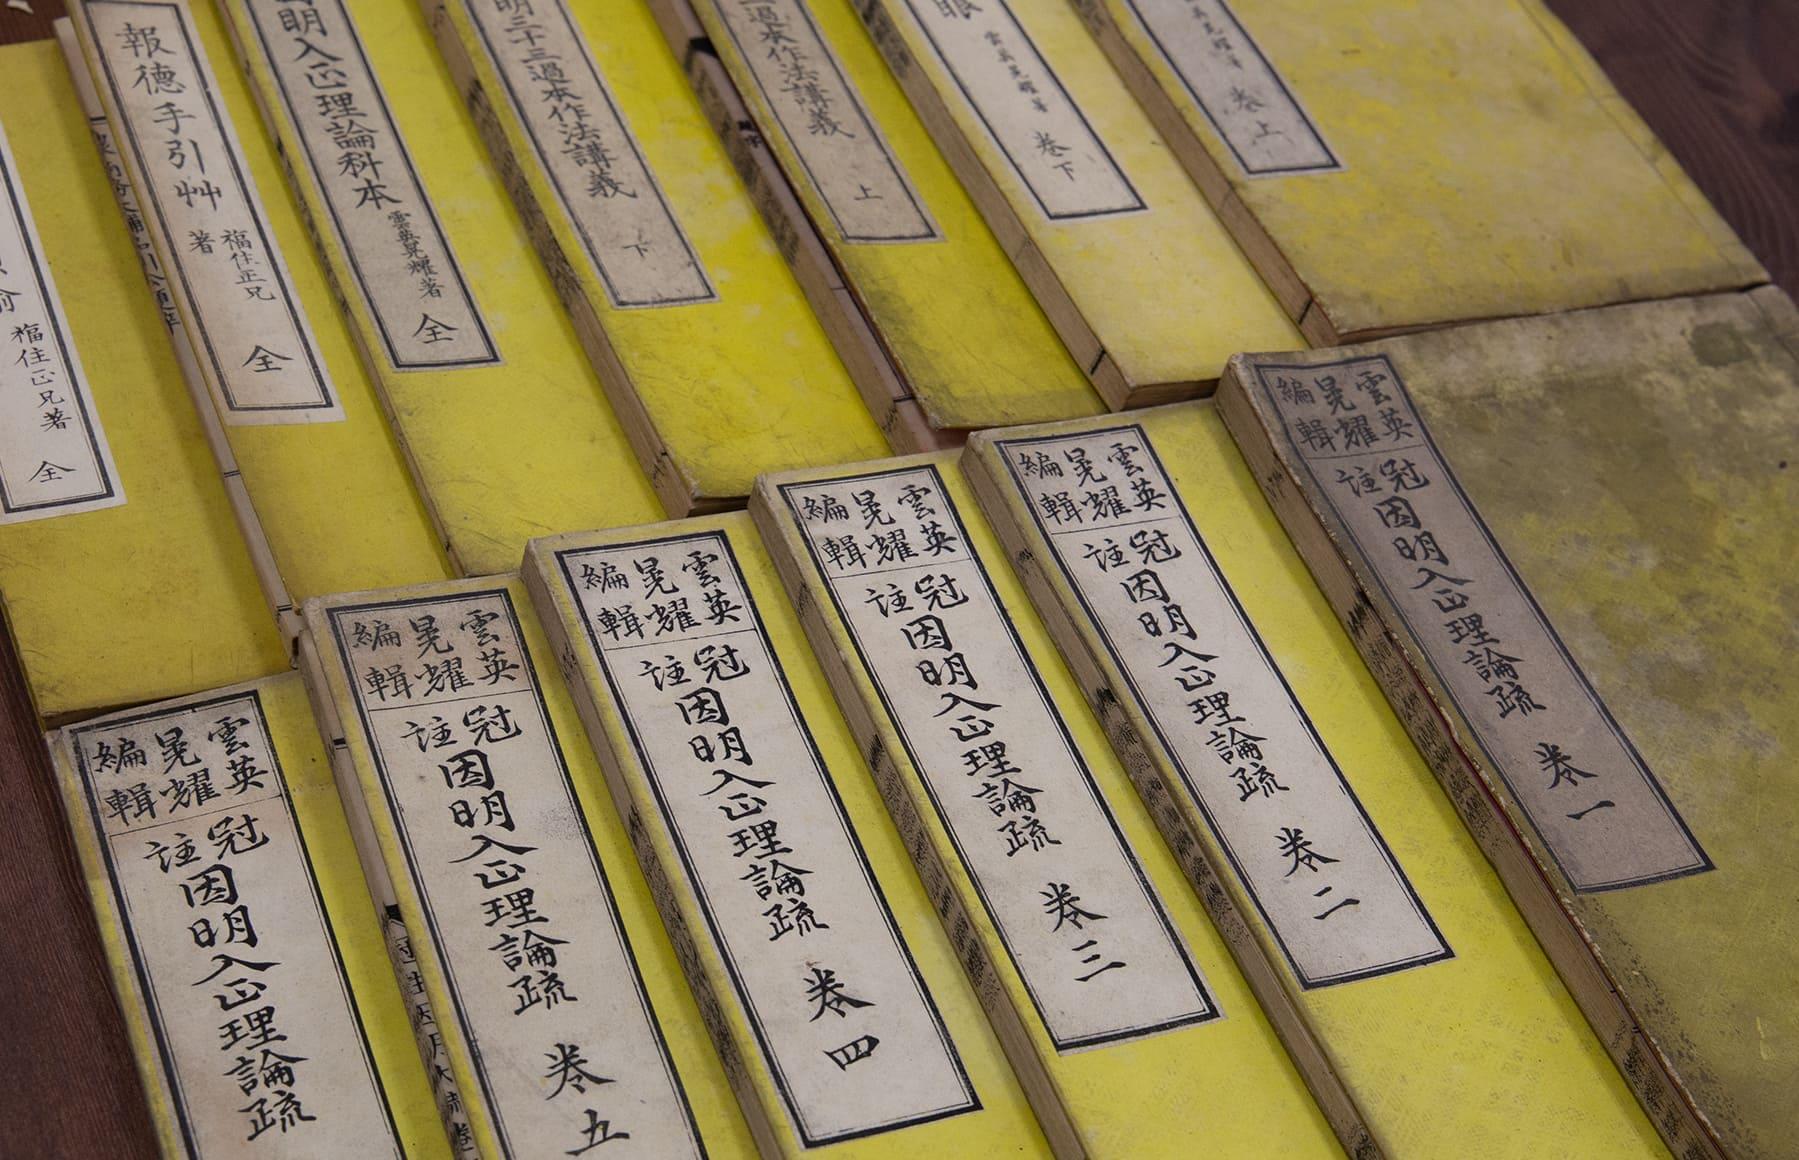 古書・和本・古典籍の写真7